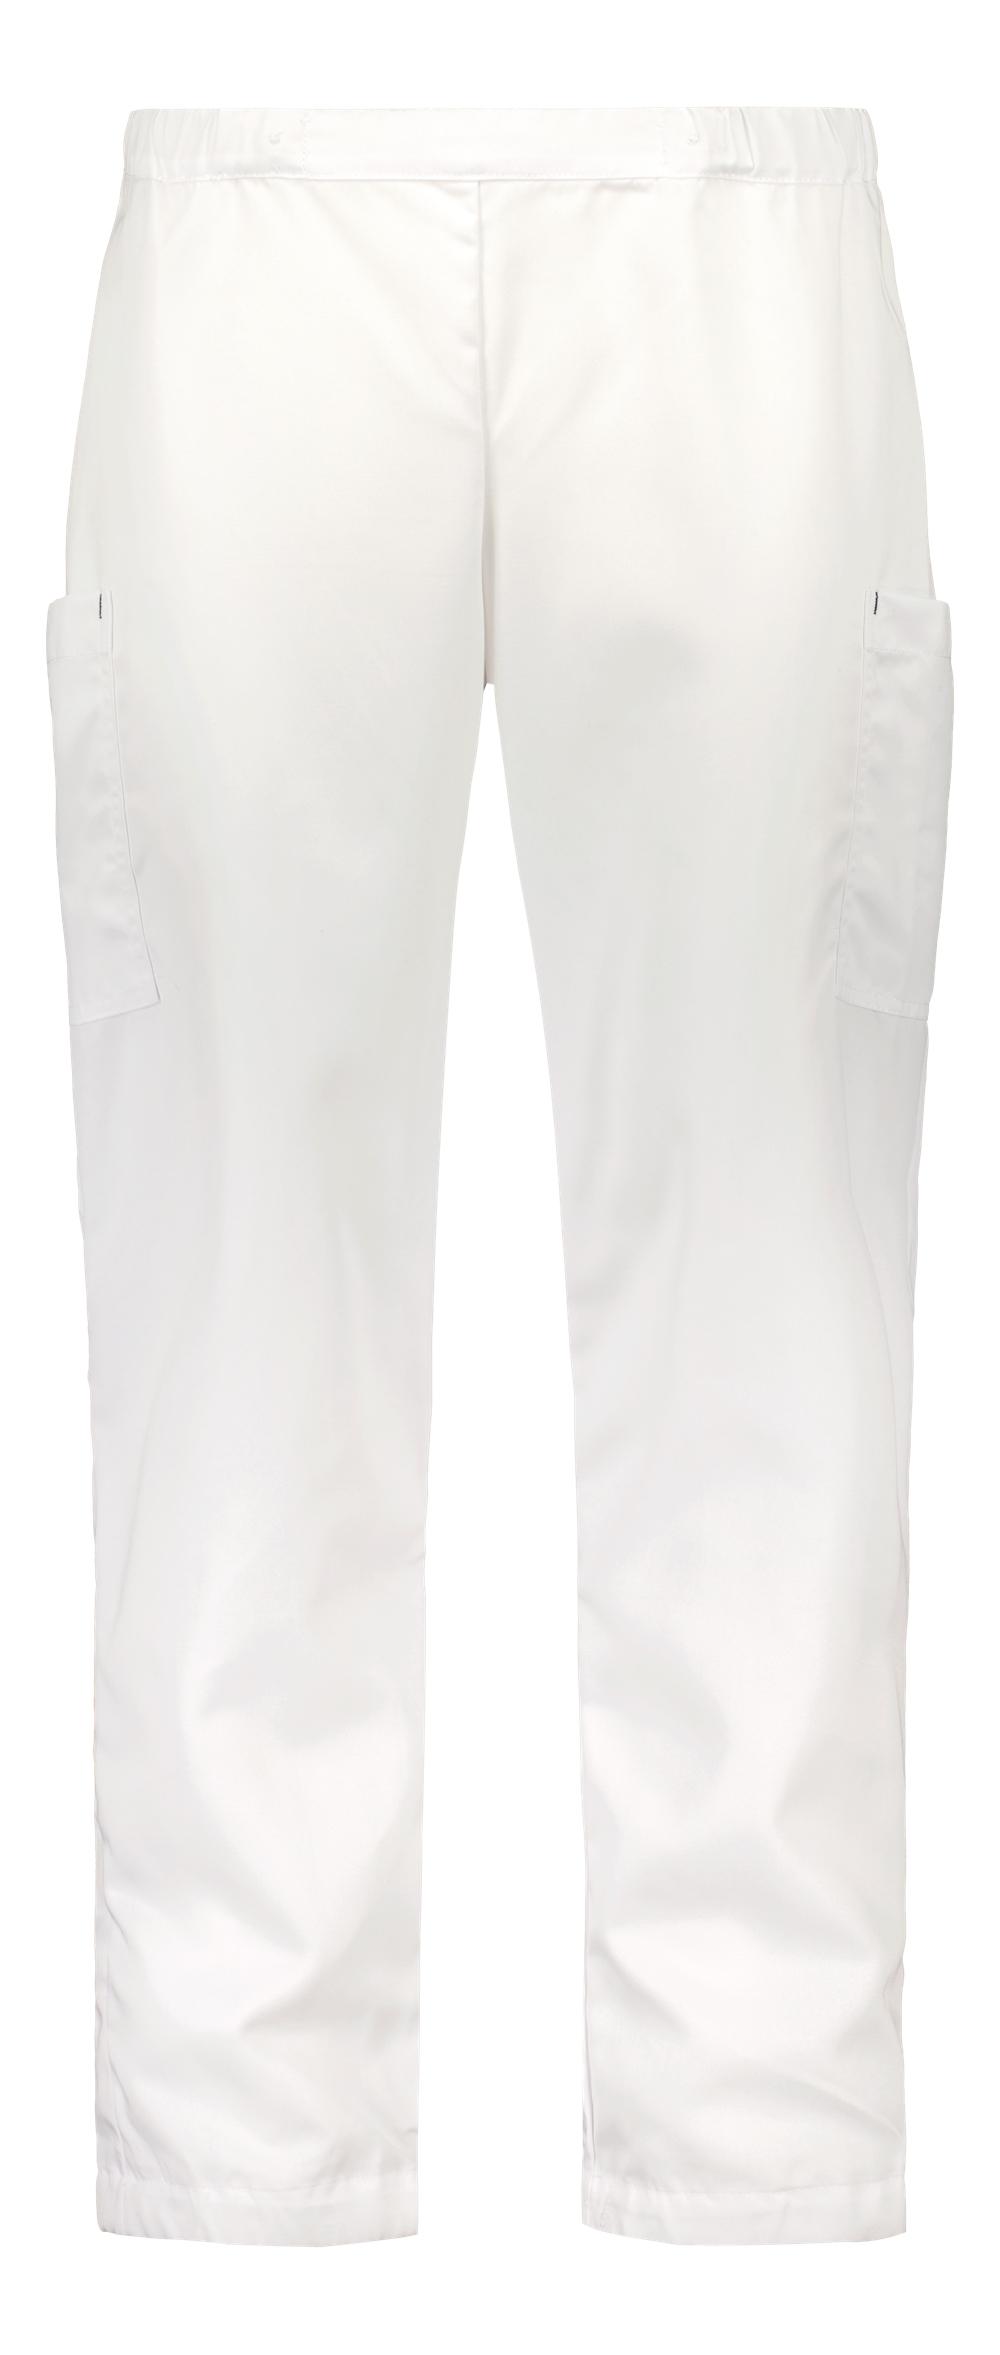 Hilla housut, unisex, valkoinen